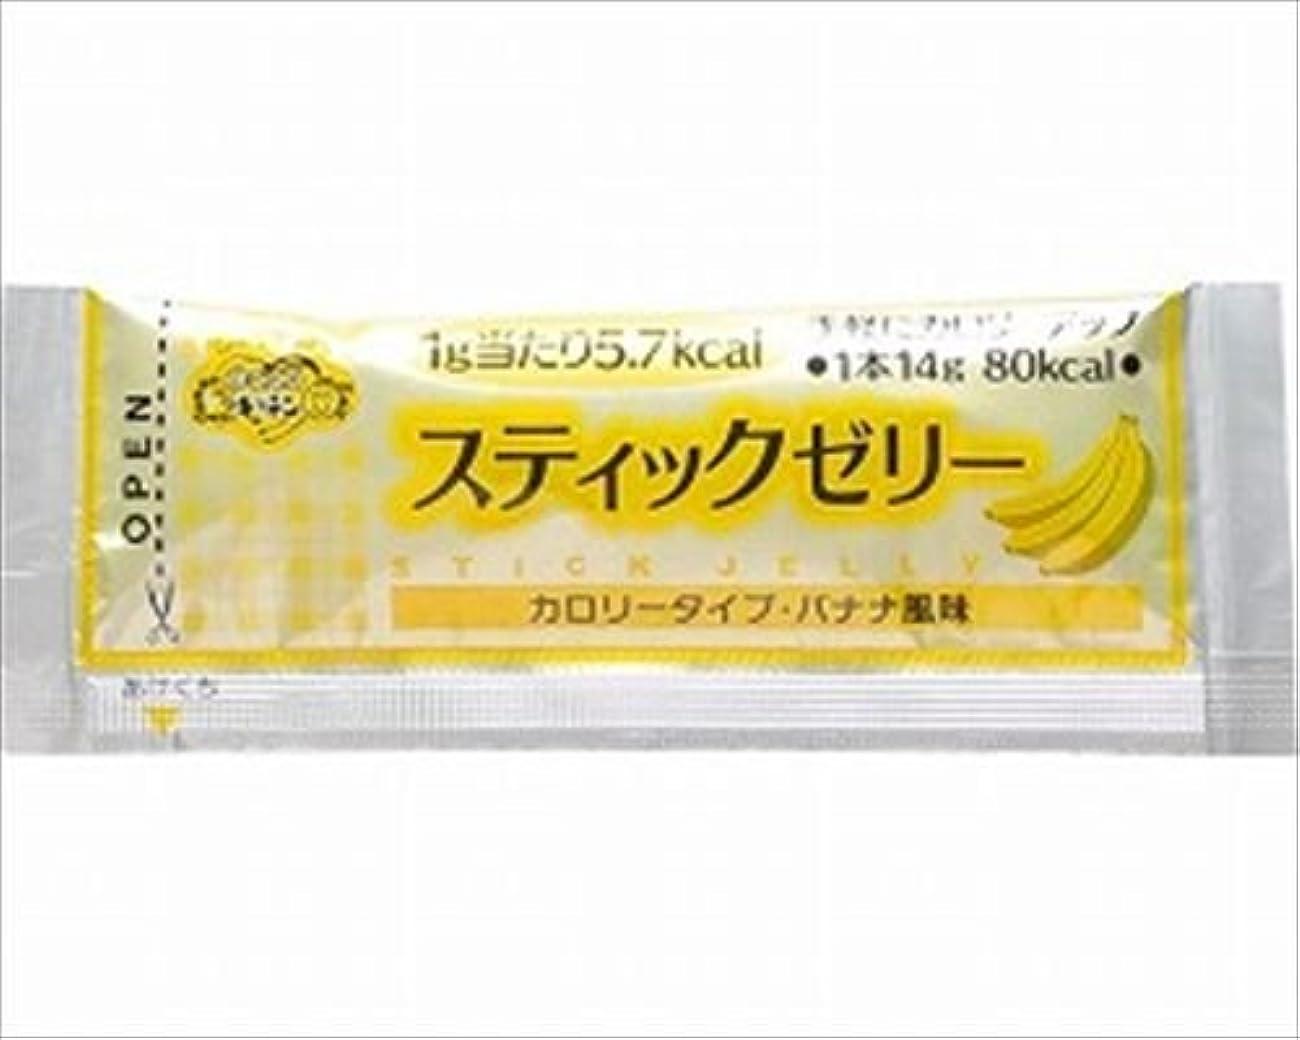 強い人道的医学スティックゼリー バナナ風味   14g×20本入